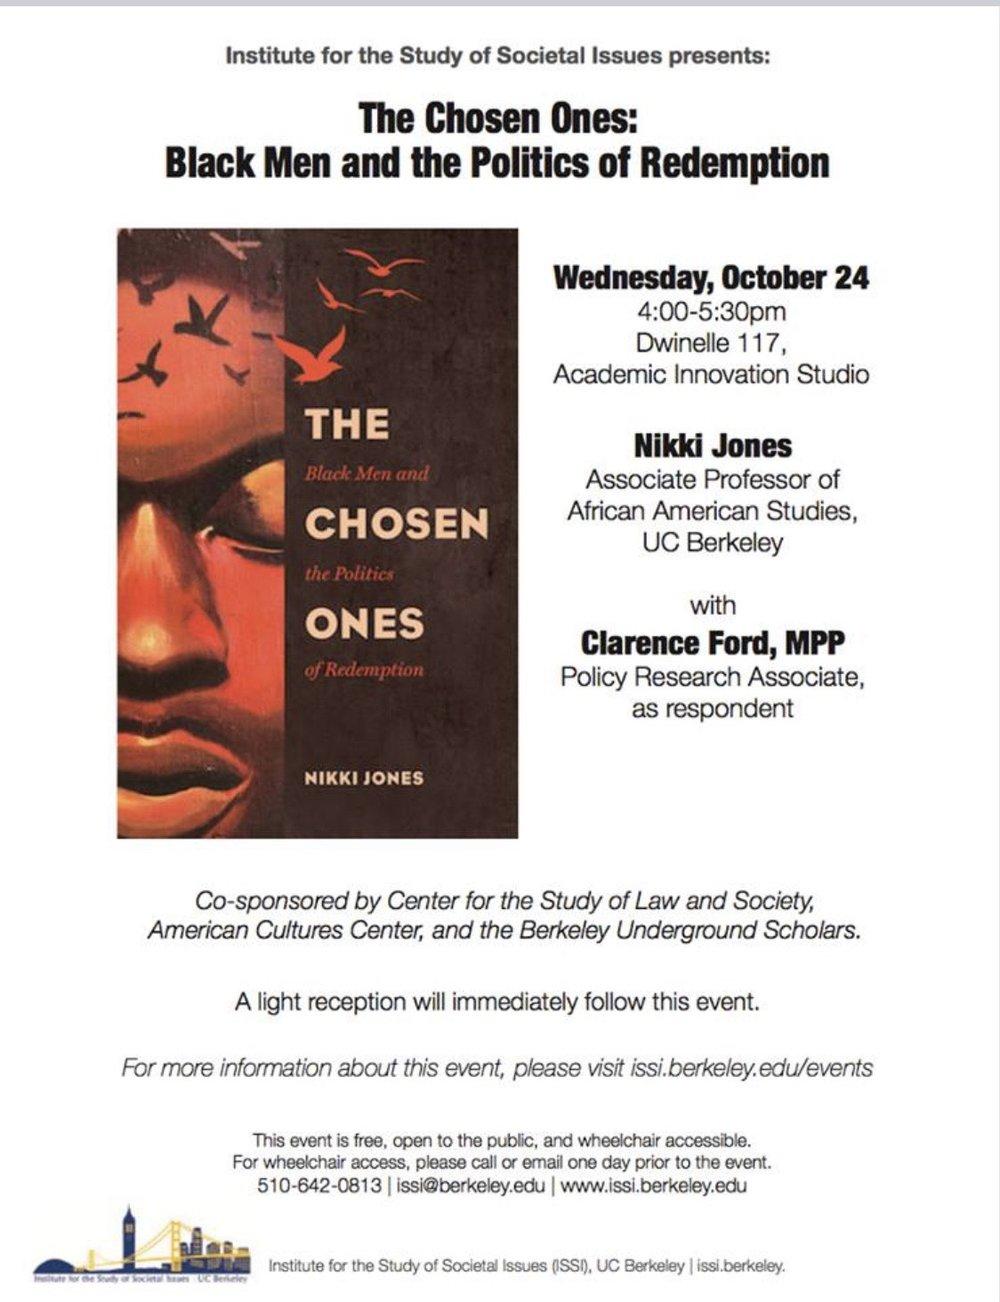 Black_Men_Politics_Redemption.jpg